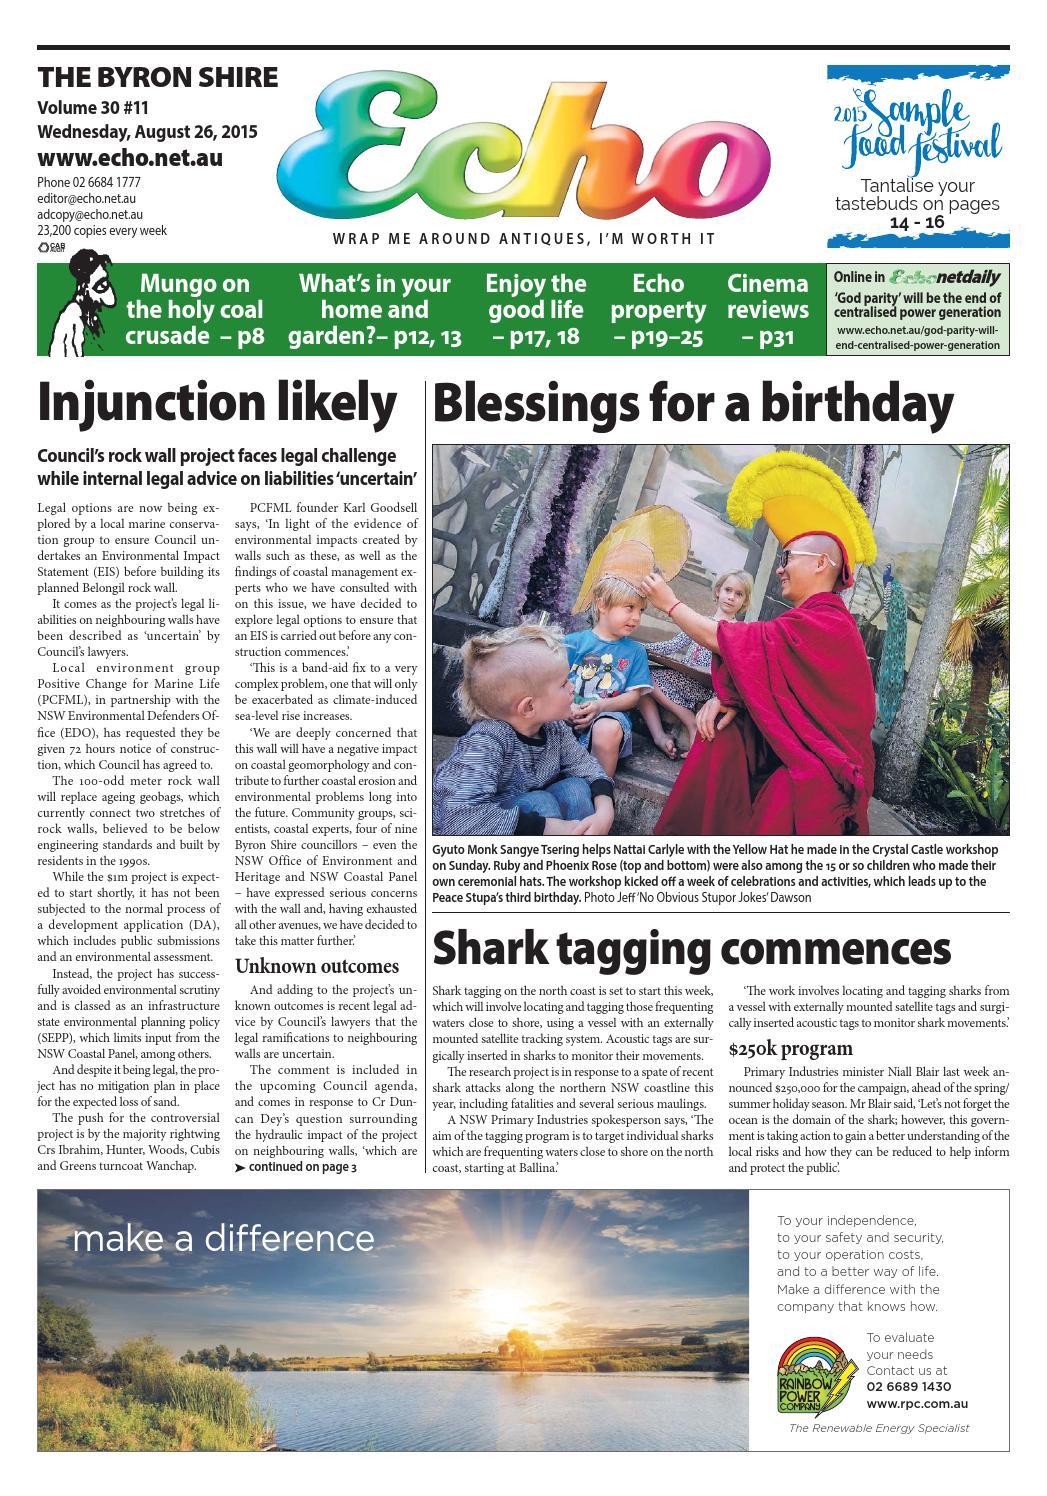 Byron Shire Echo – Issue 30.11 – 26/08/2015 by Echo Publications - issuu